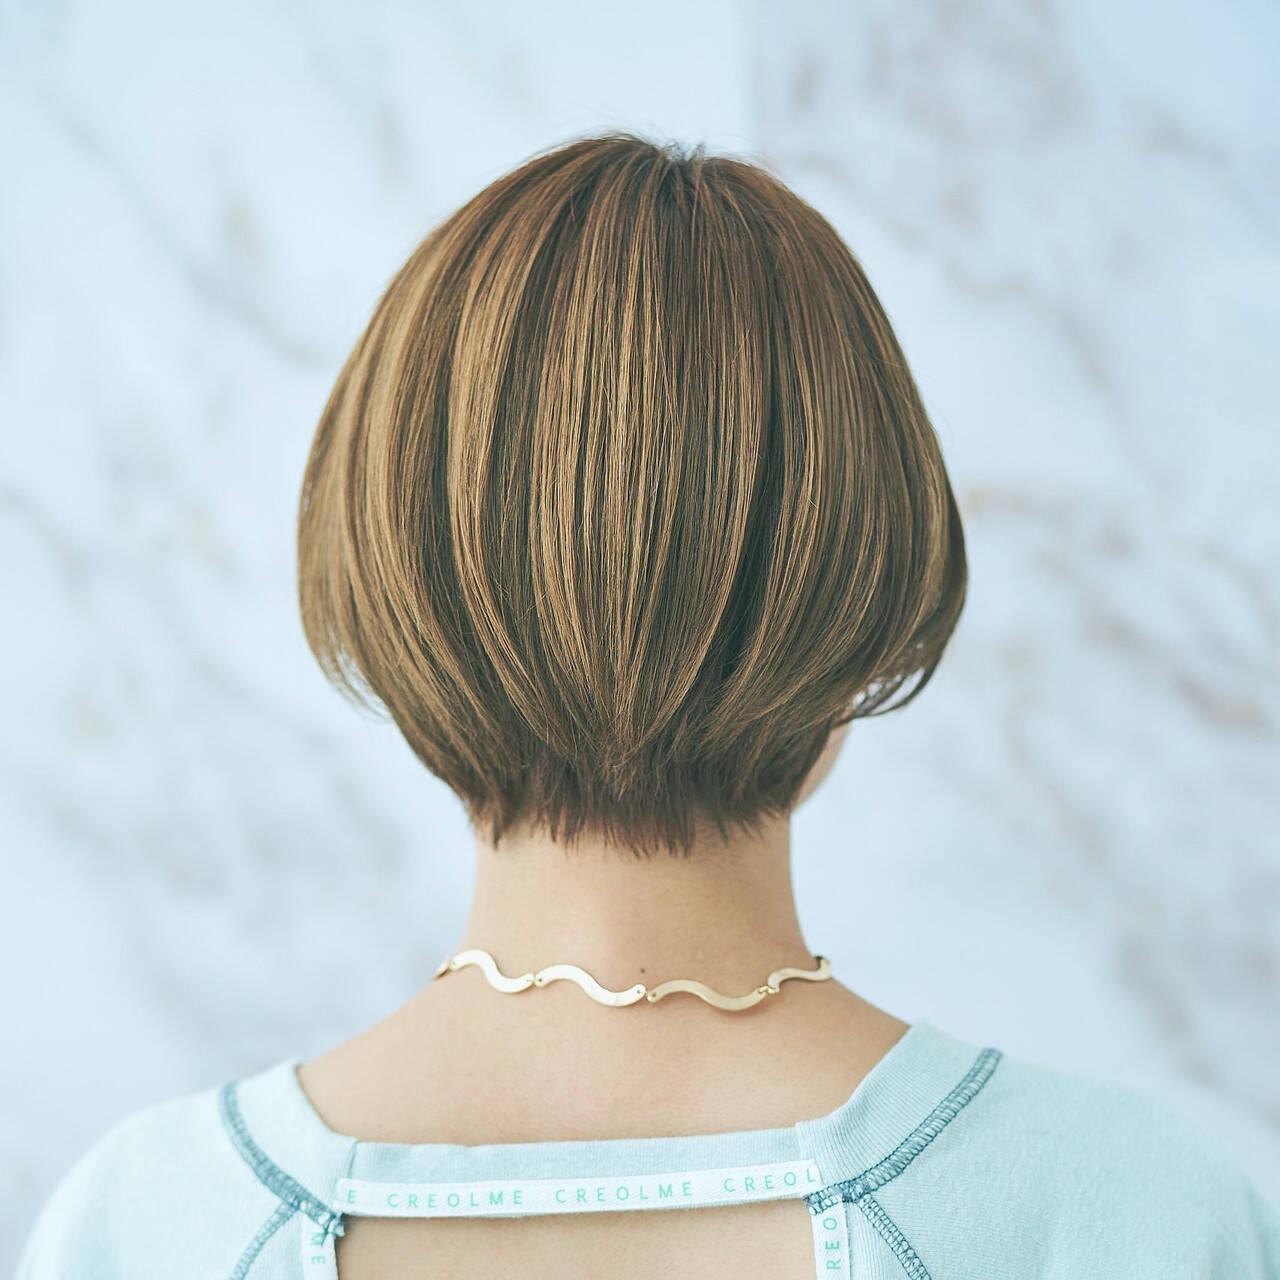 ナチュラル マッシュショート 大人ショート ハンサムヘアスタイルや髪型の写真・画像